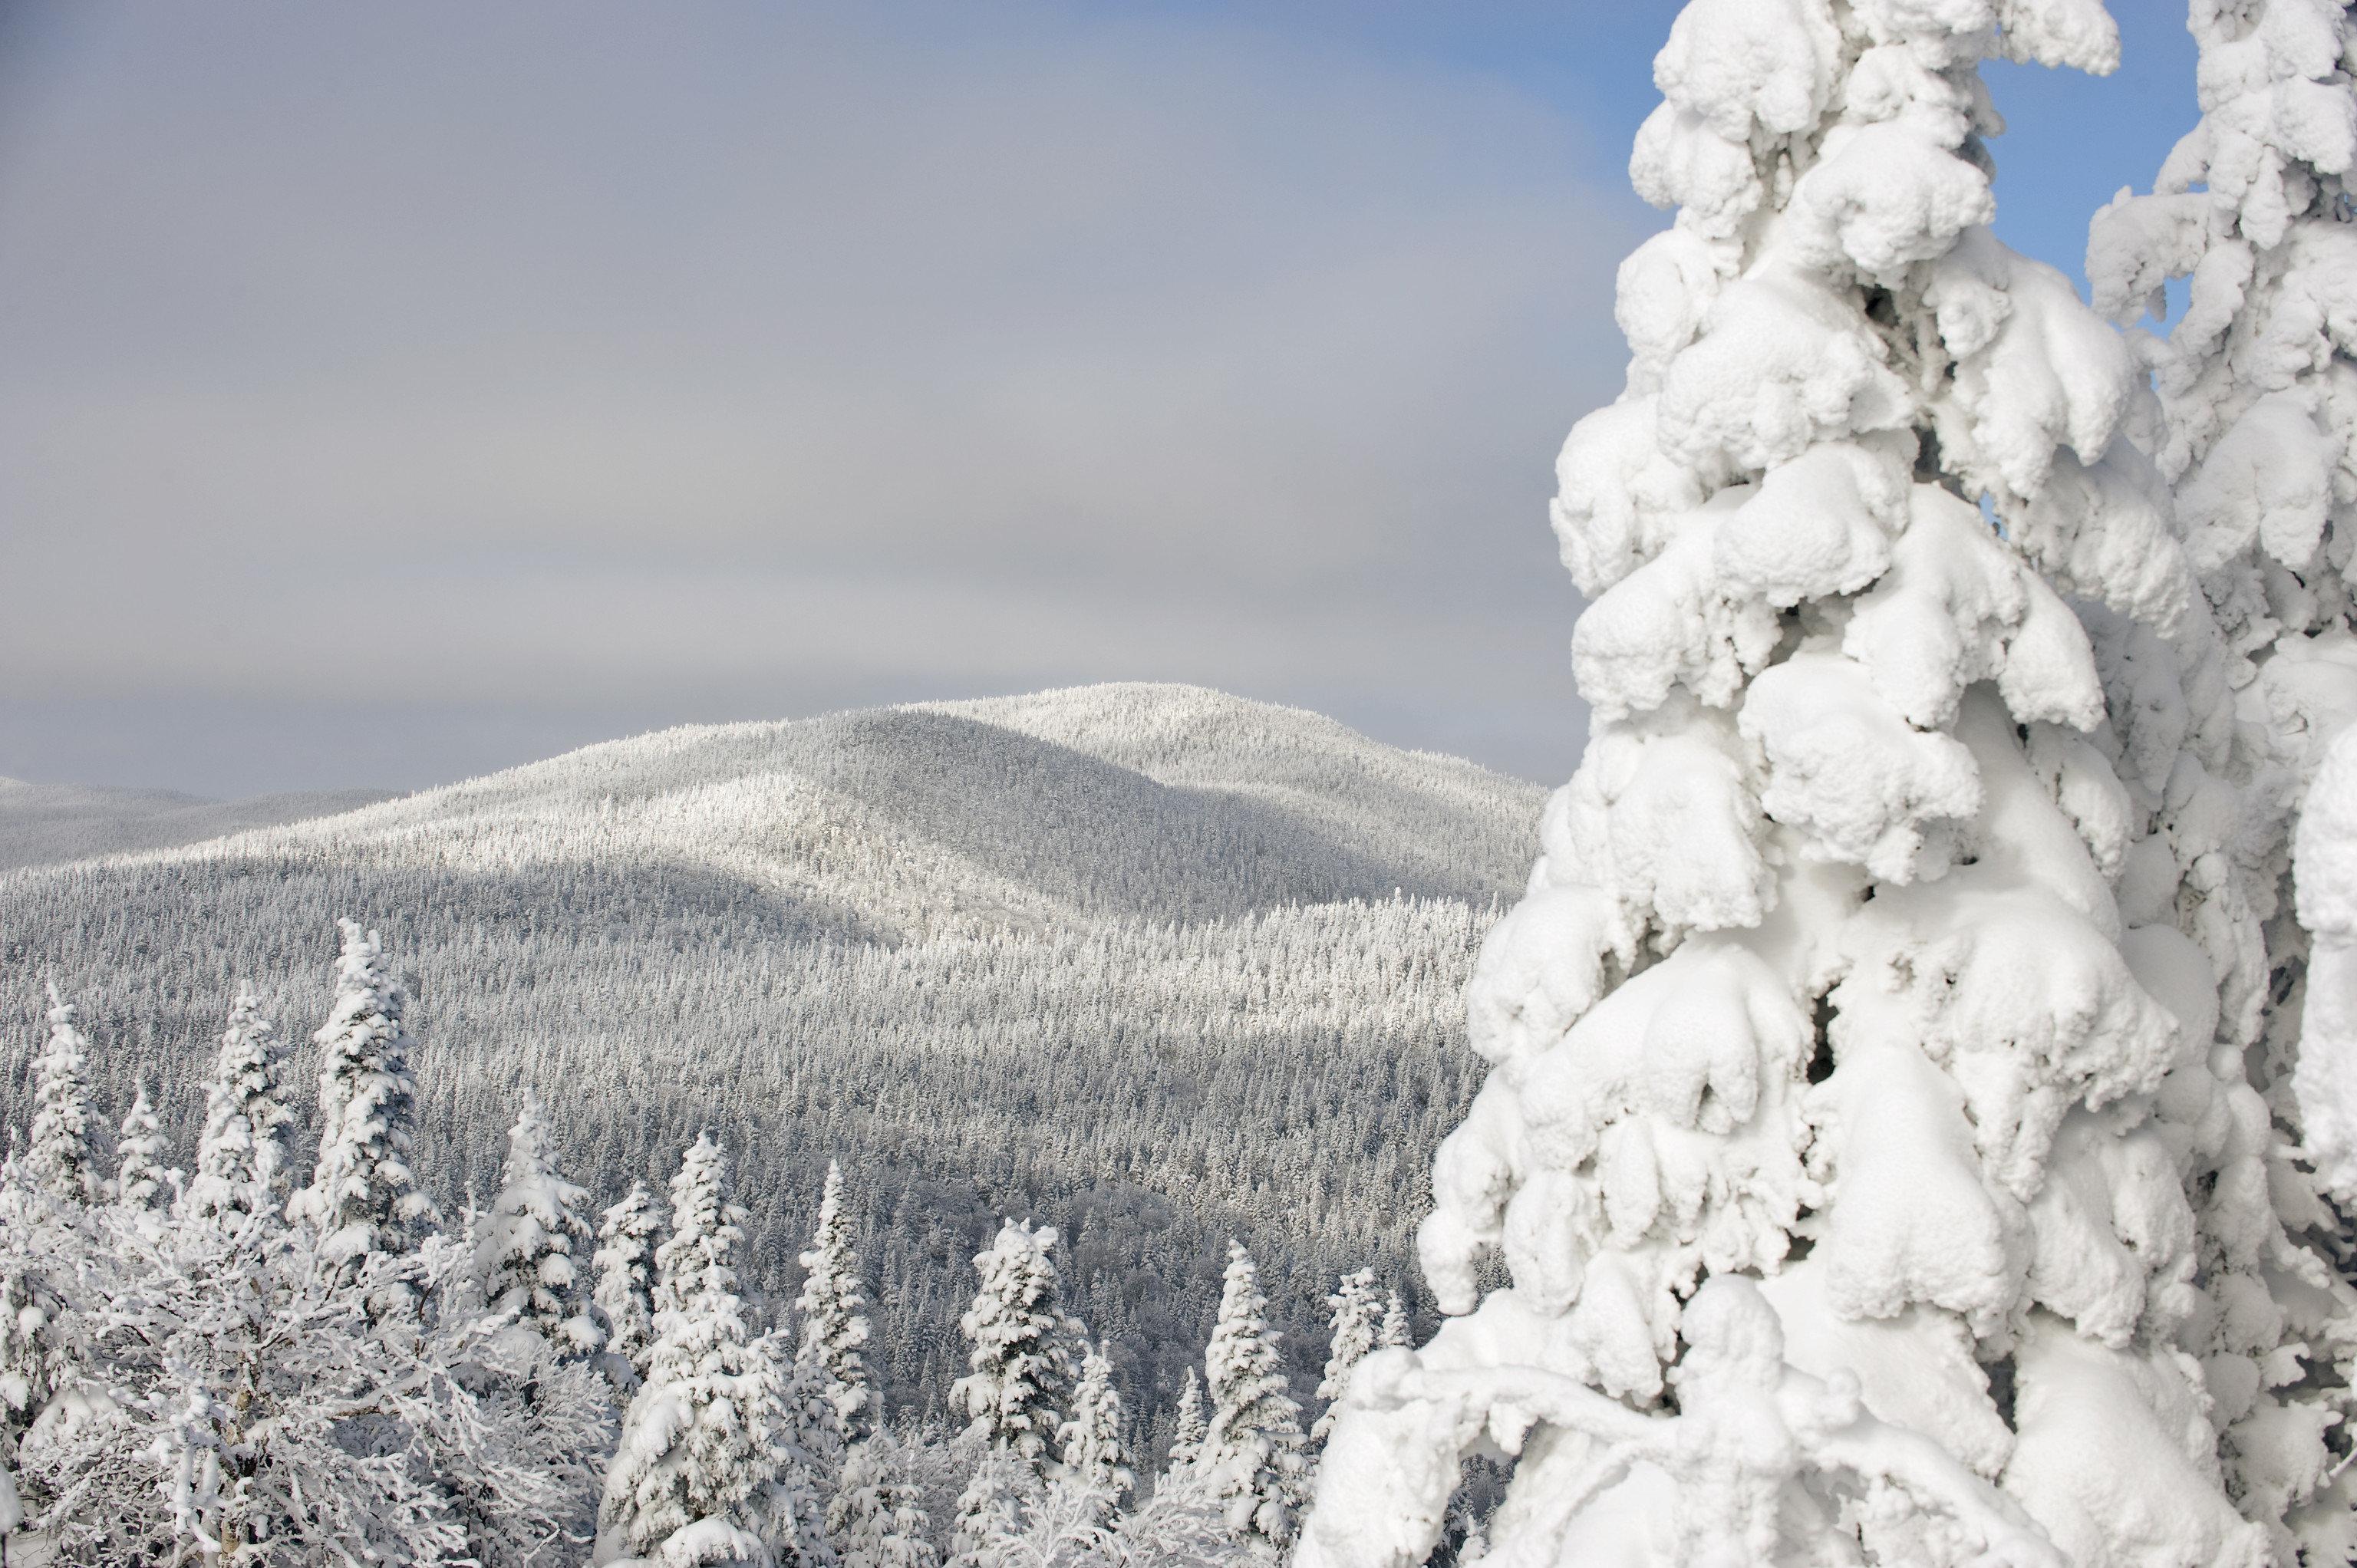 alpine skiing East Coast USA Mountains + Skiing Trip Ideas outdoor snow mountainous landforms Winter mountain landform weather geological phenomenon season ridge freezing mountain range summit plateau frost